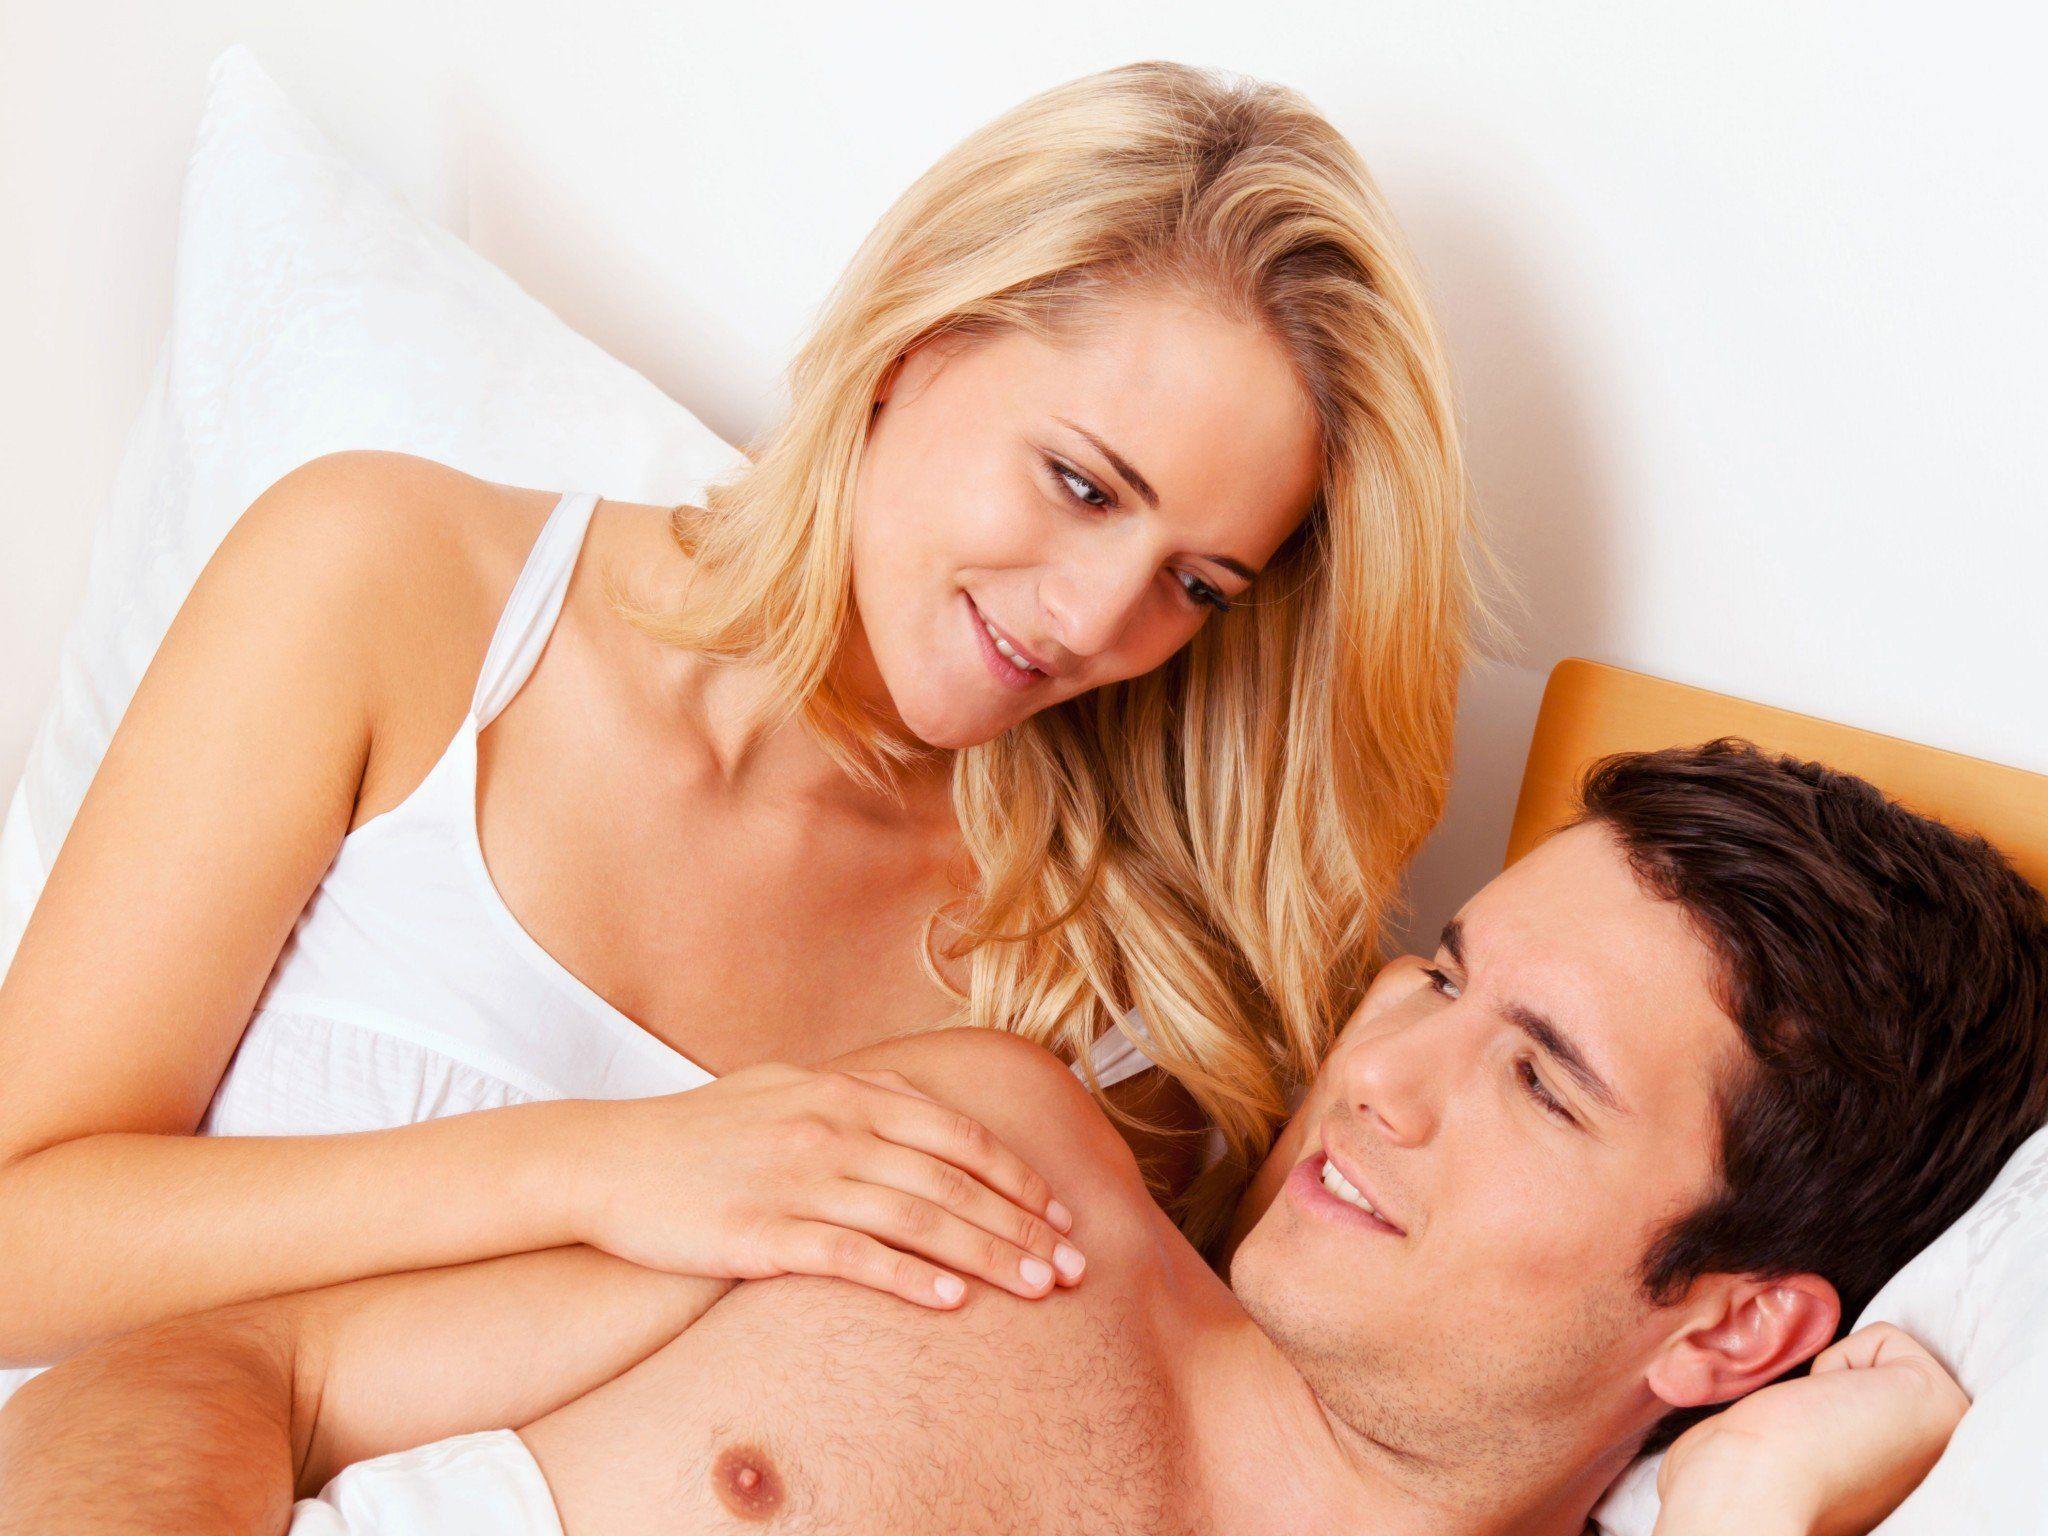 Mehr Volumen finden Frauen attraktiver.